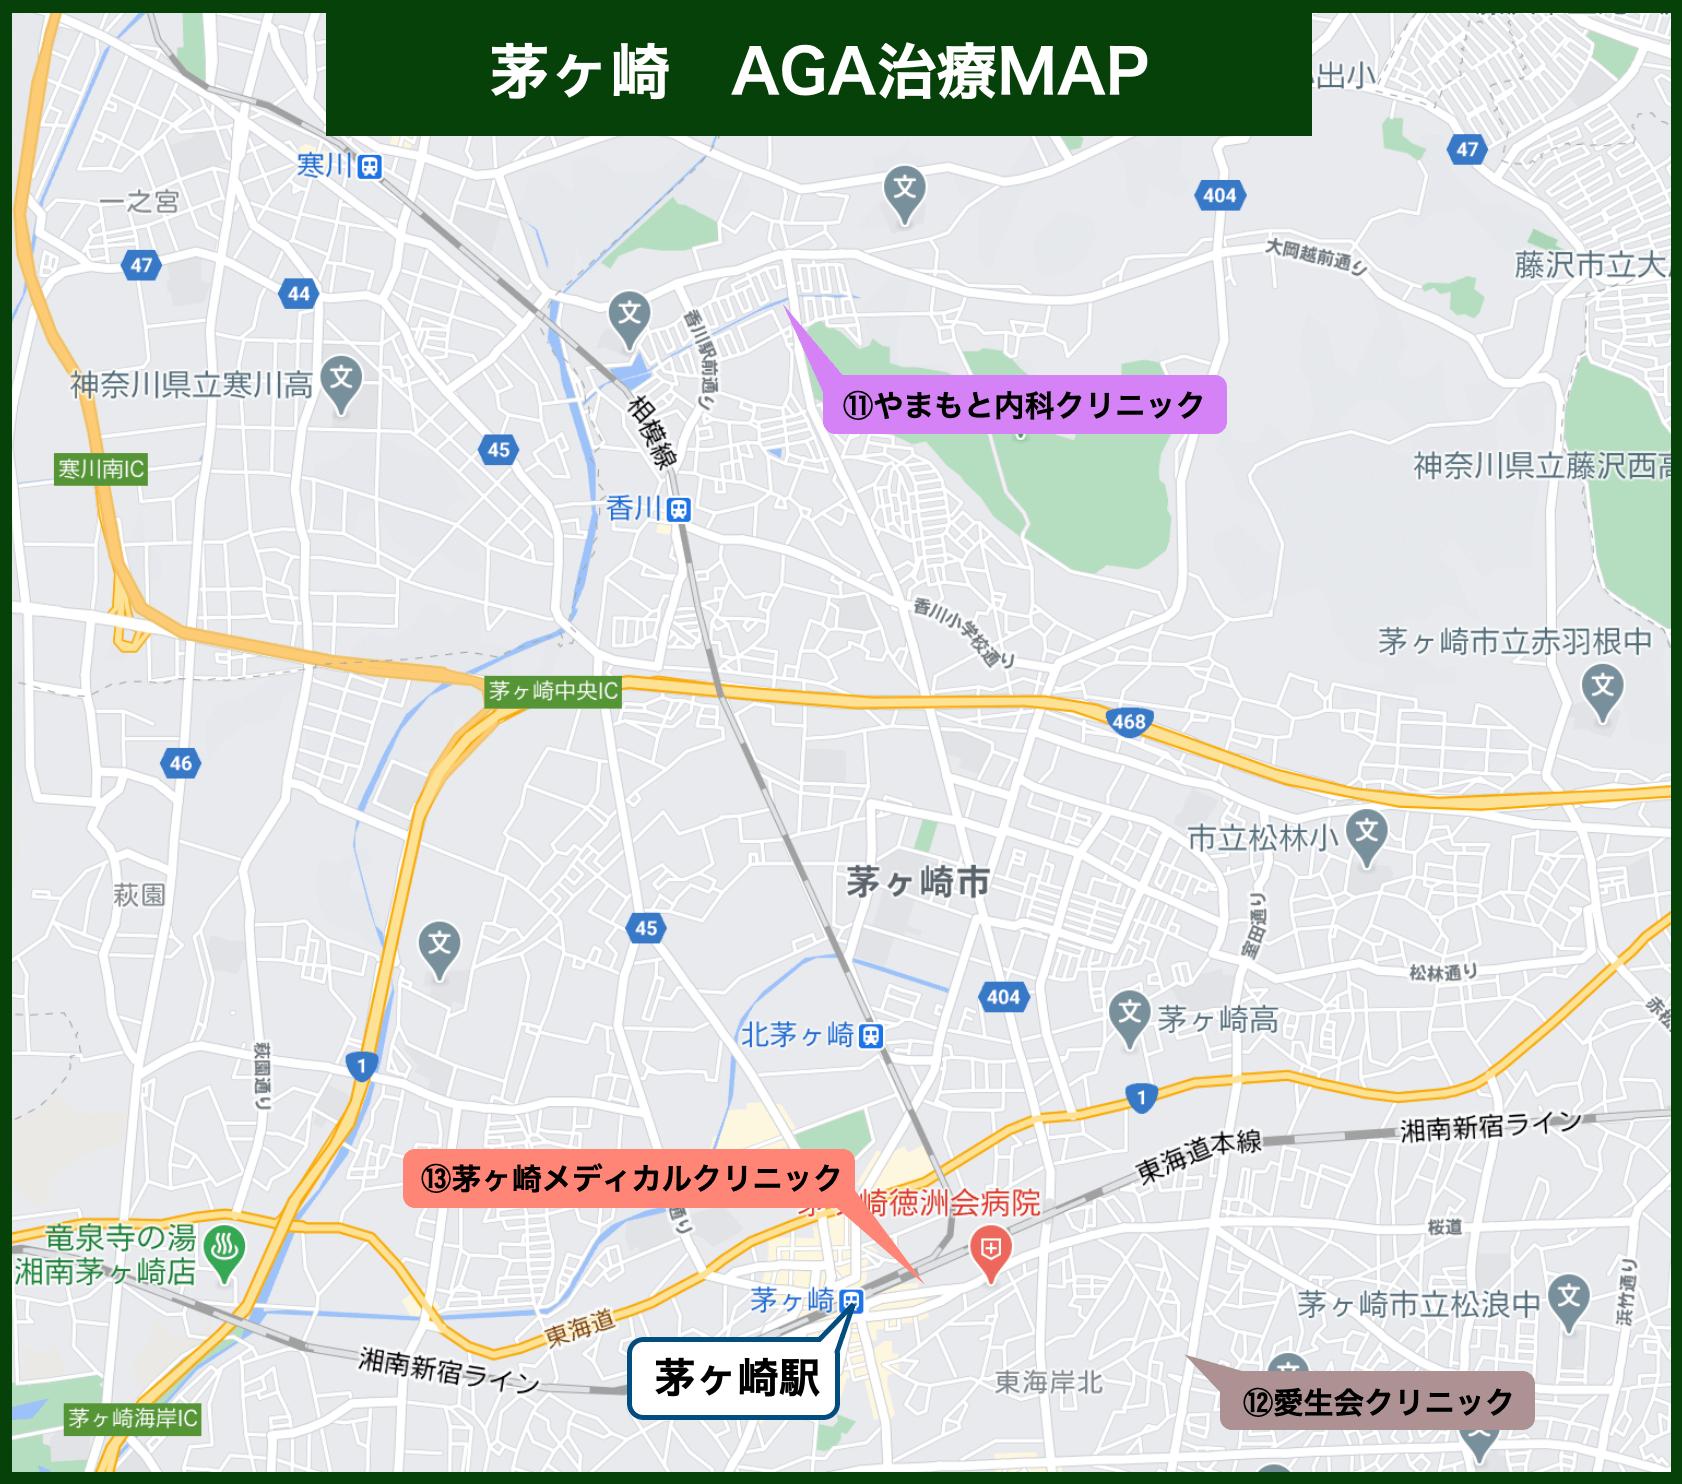 茅ヶ崎 AGA治療MAP